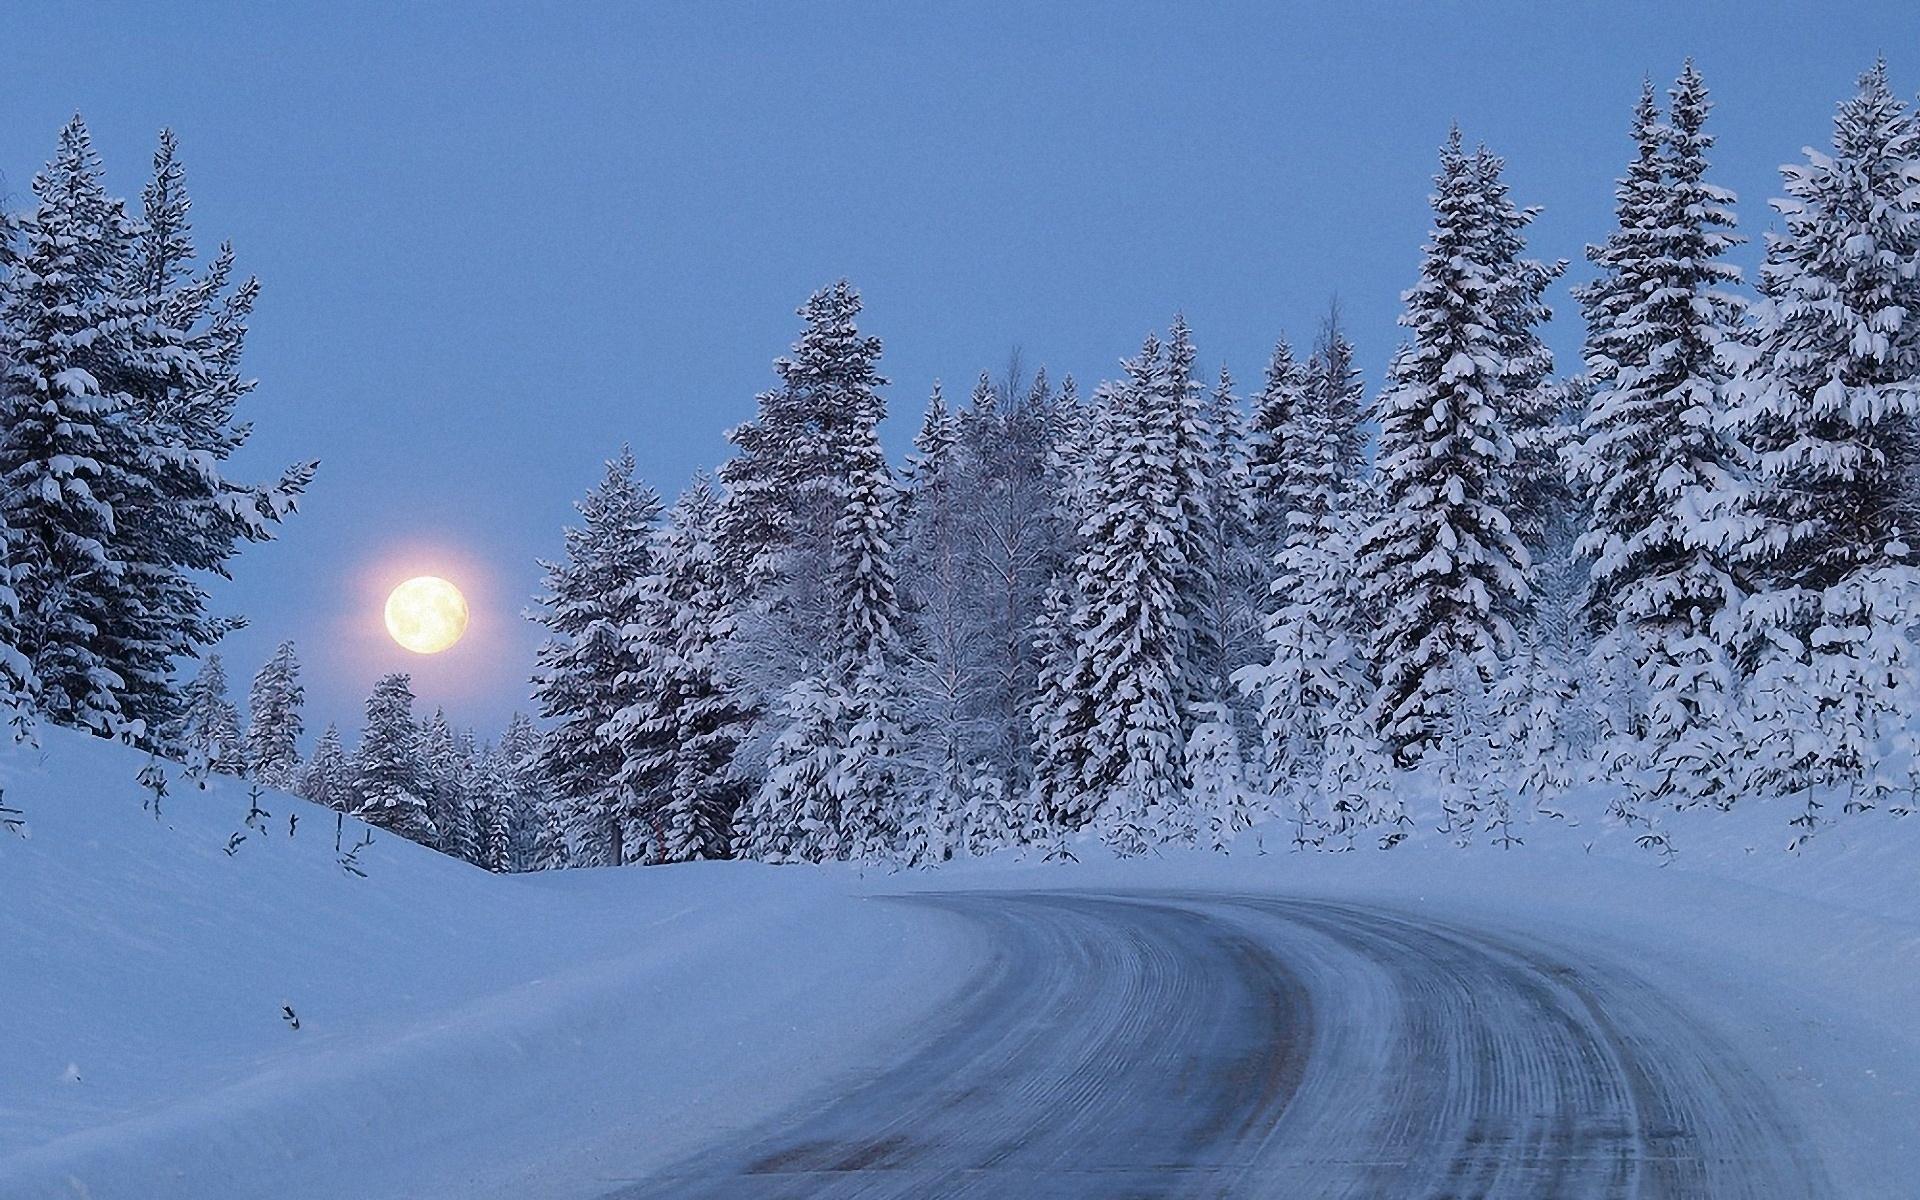 40 Snowy Moonlight Wallpaper On Wallpapersafari